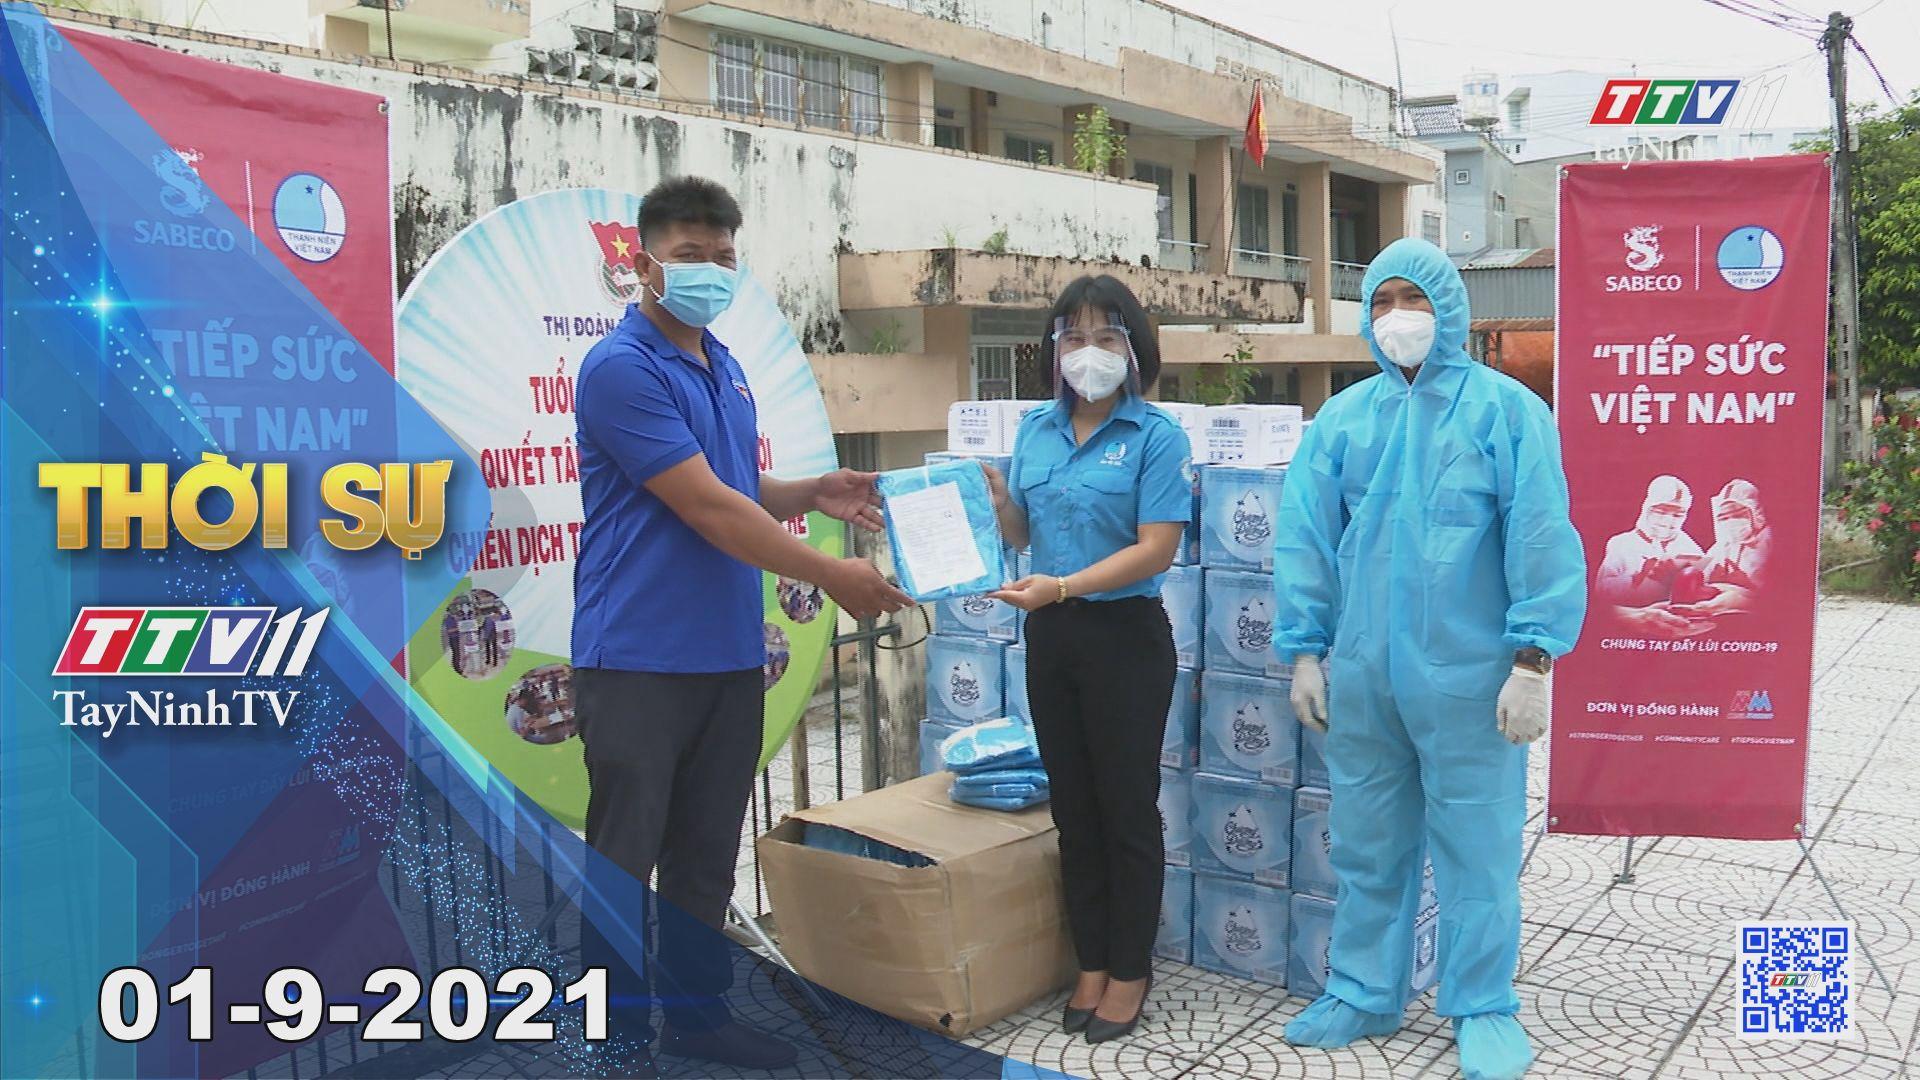 Thời sự Tây Ninh 01-9-2021 | Tin tức hôm nay | TayNinhTV